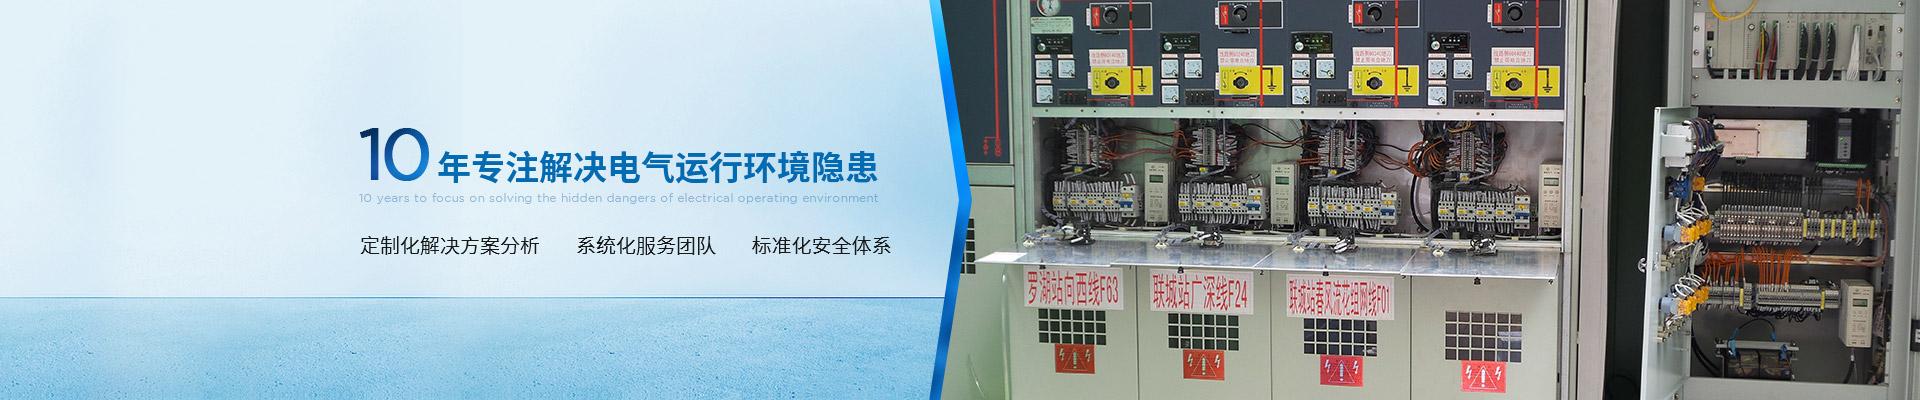 领航电气-10年专注解决电气运行环境隐患